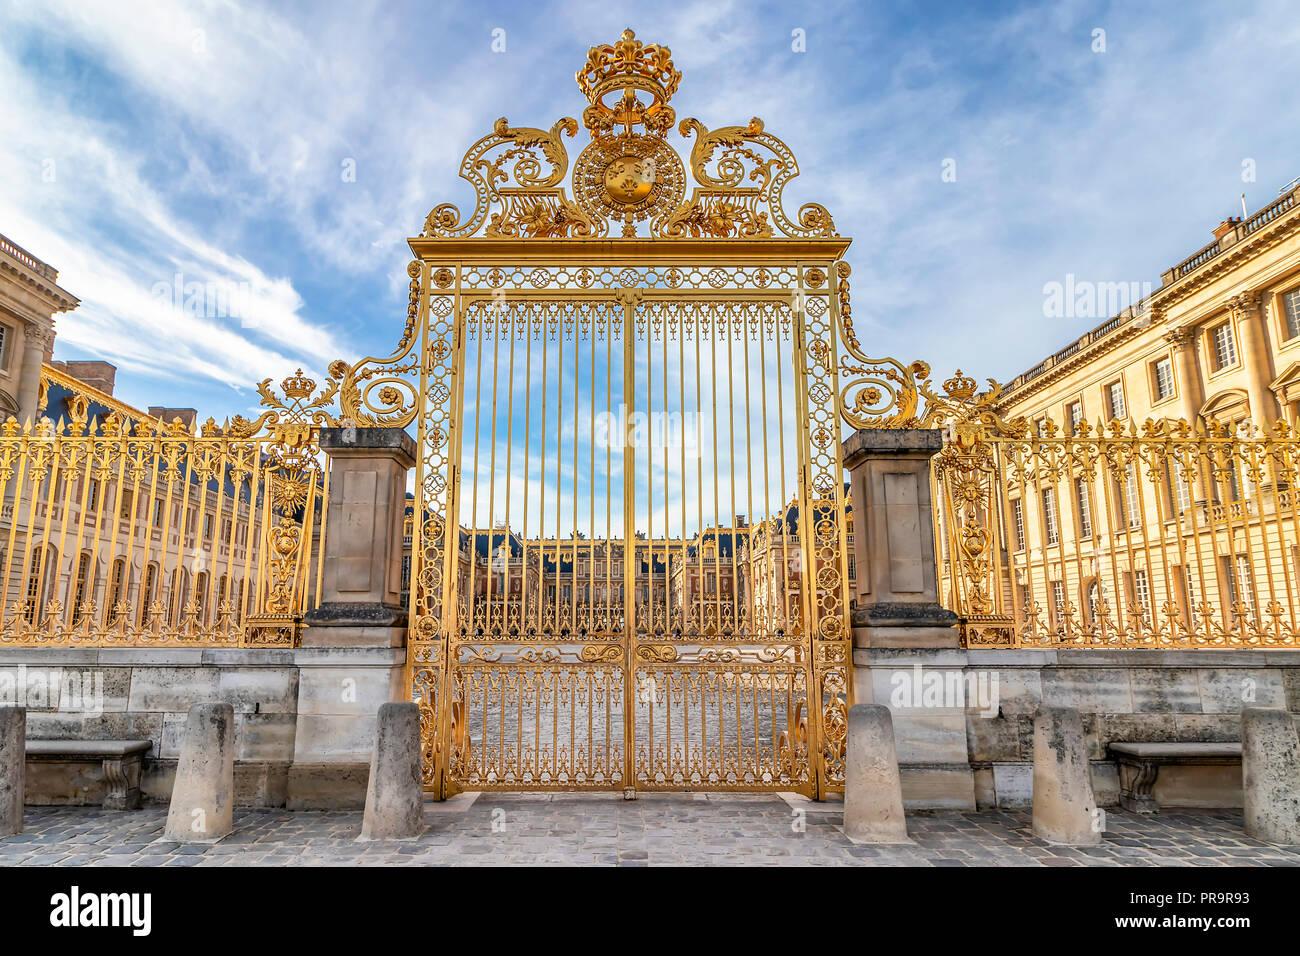 Main Golden Door in der äußeren Fassade von Schloss Versailles, Paris, Frankreich Stockbild